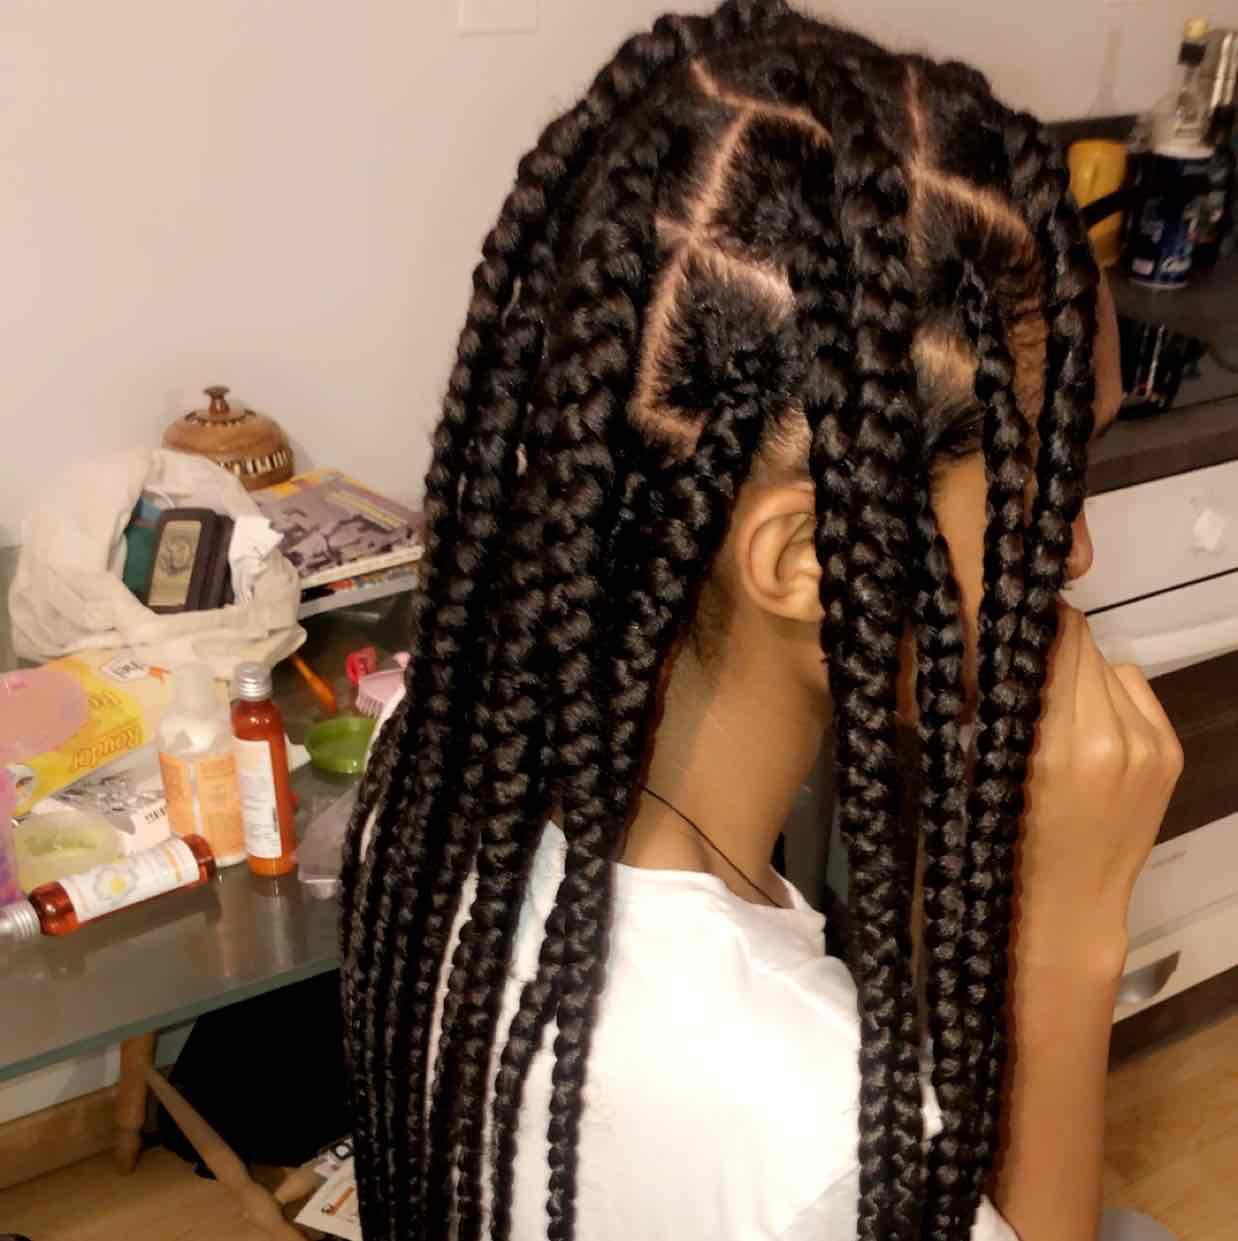 salon de coiffure afro tresse tresses box braids crochet braids vanilles tissages paris 75 77 78 91 92 93 94 95 ZEQVTLZT